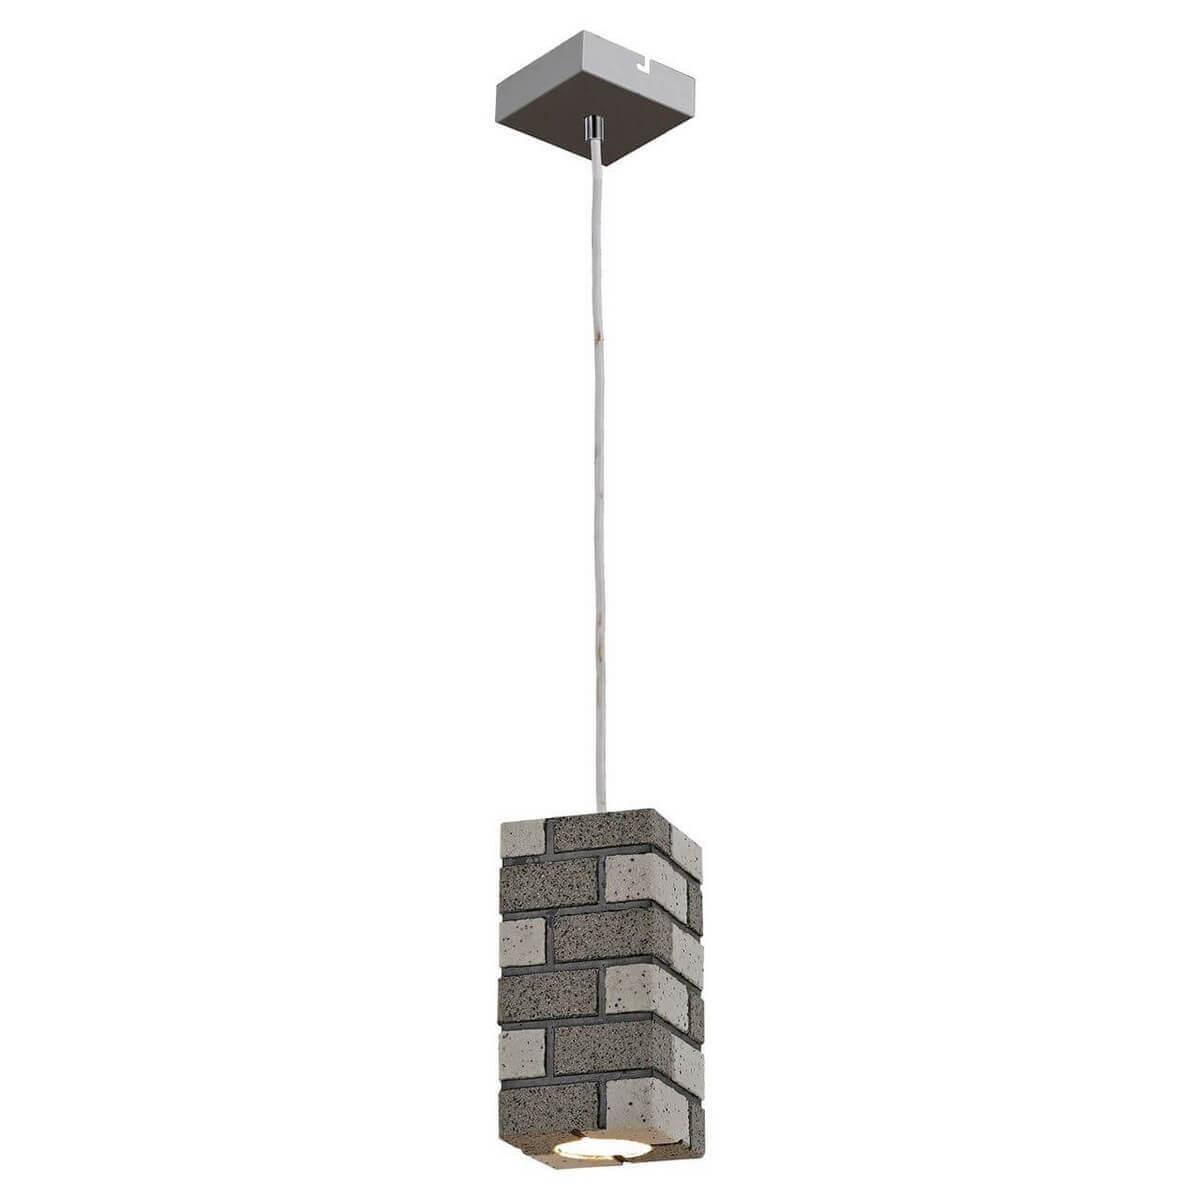 Подвесной светильник Lussole Loft GRLSP-9684 подвесной светильник lussole grlsp 9856 серый